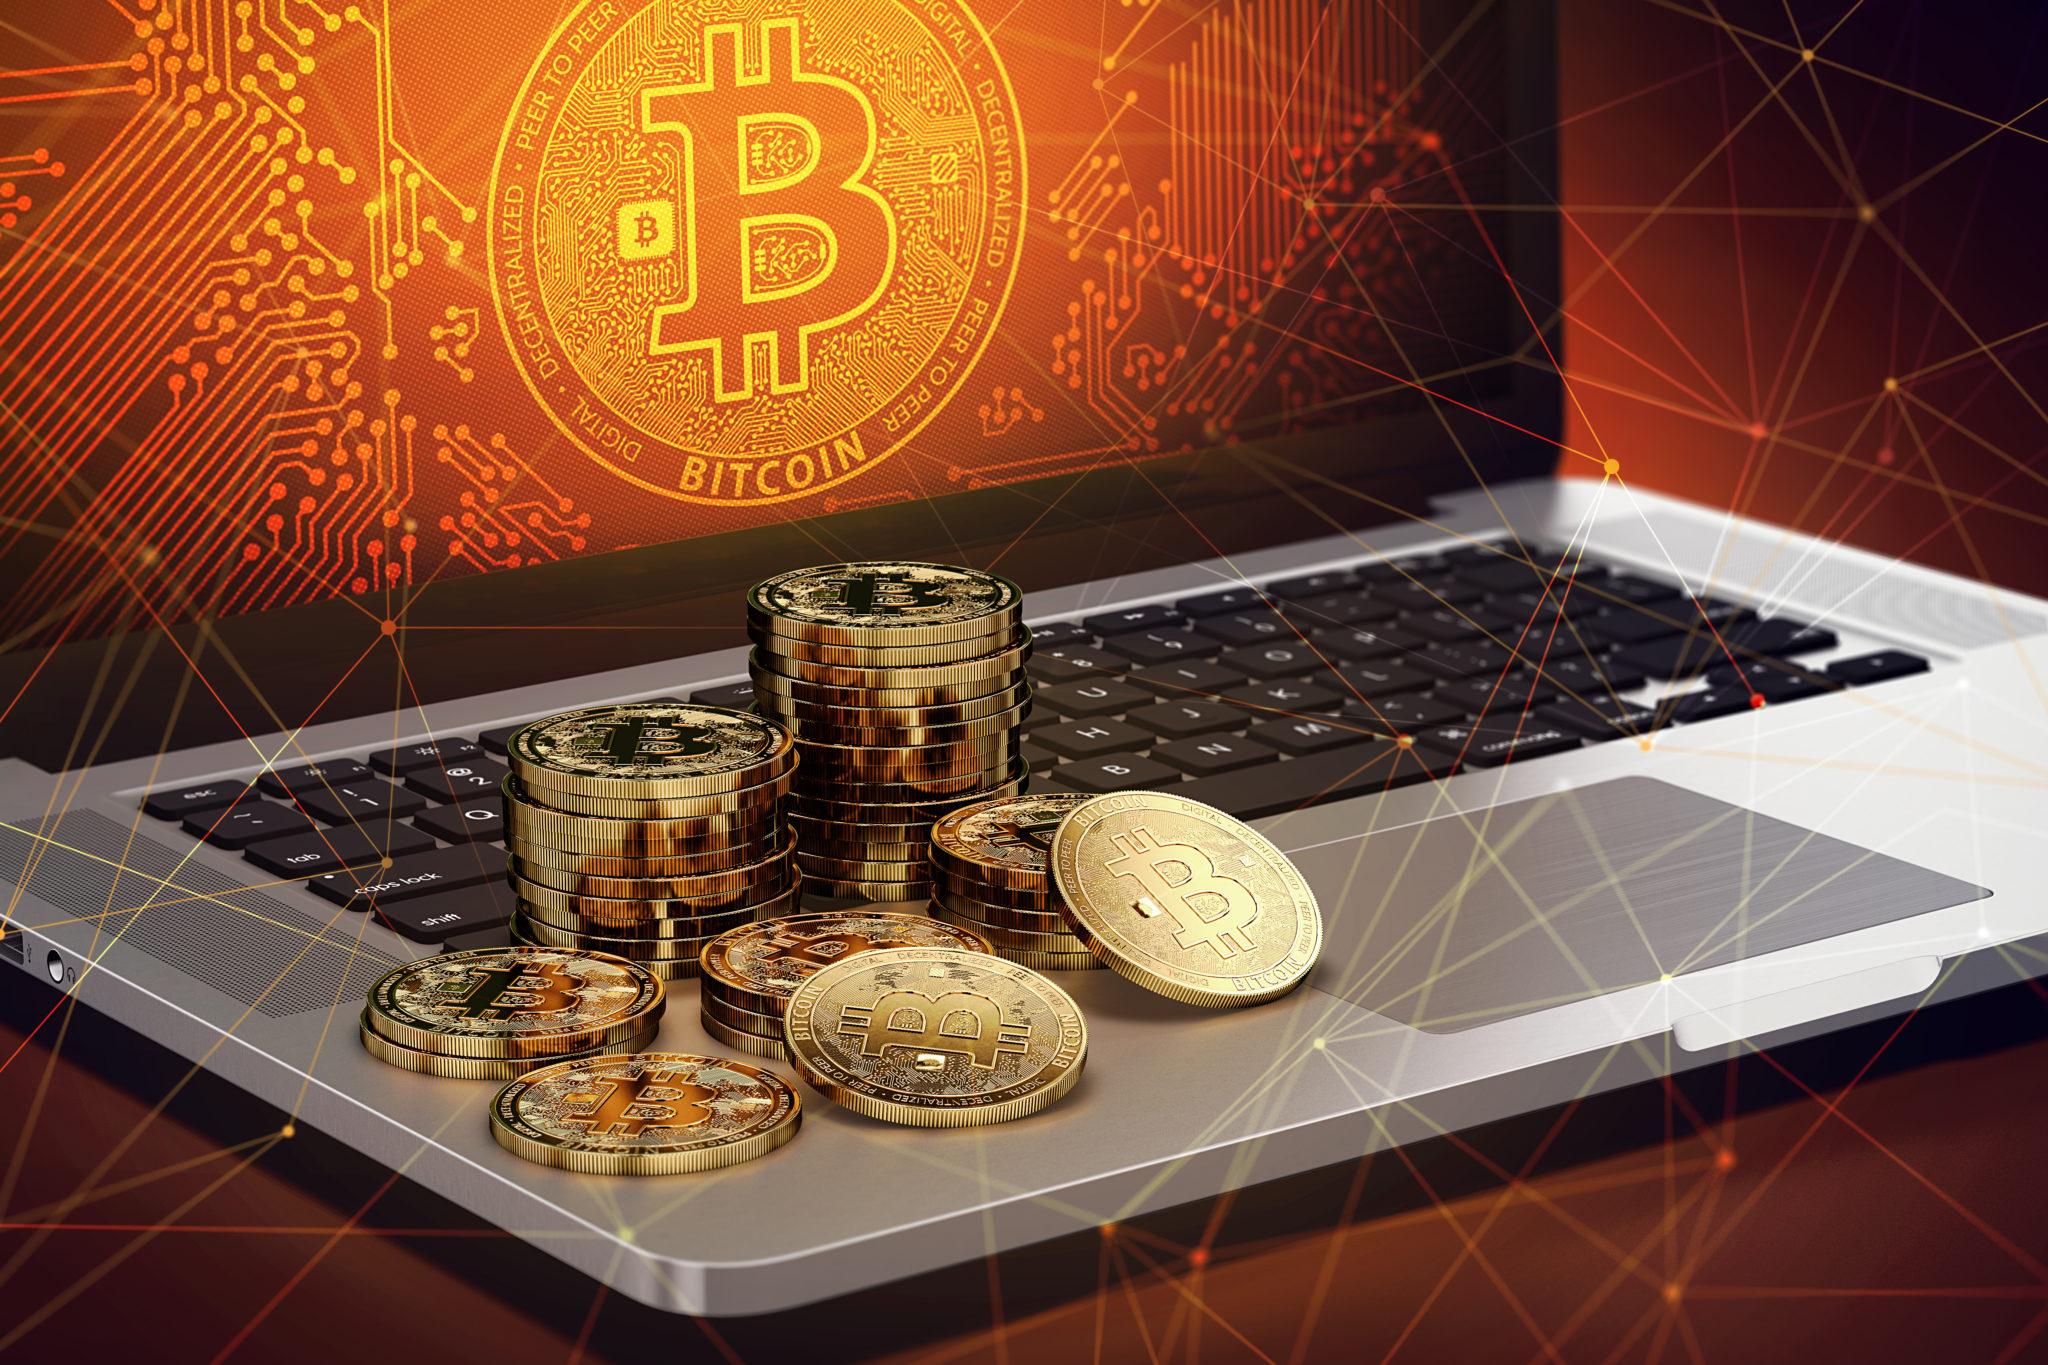 Ein Laptop, auf dem Bitcoin-Taler liegen. Auf dem Bildschirm des Laptops prangt ein rot-gelb leuchtendes Bitcoin-Logo